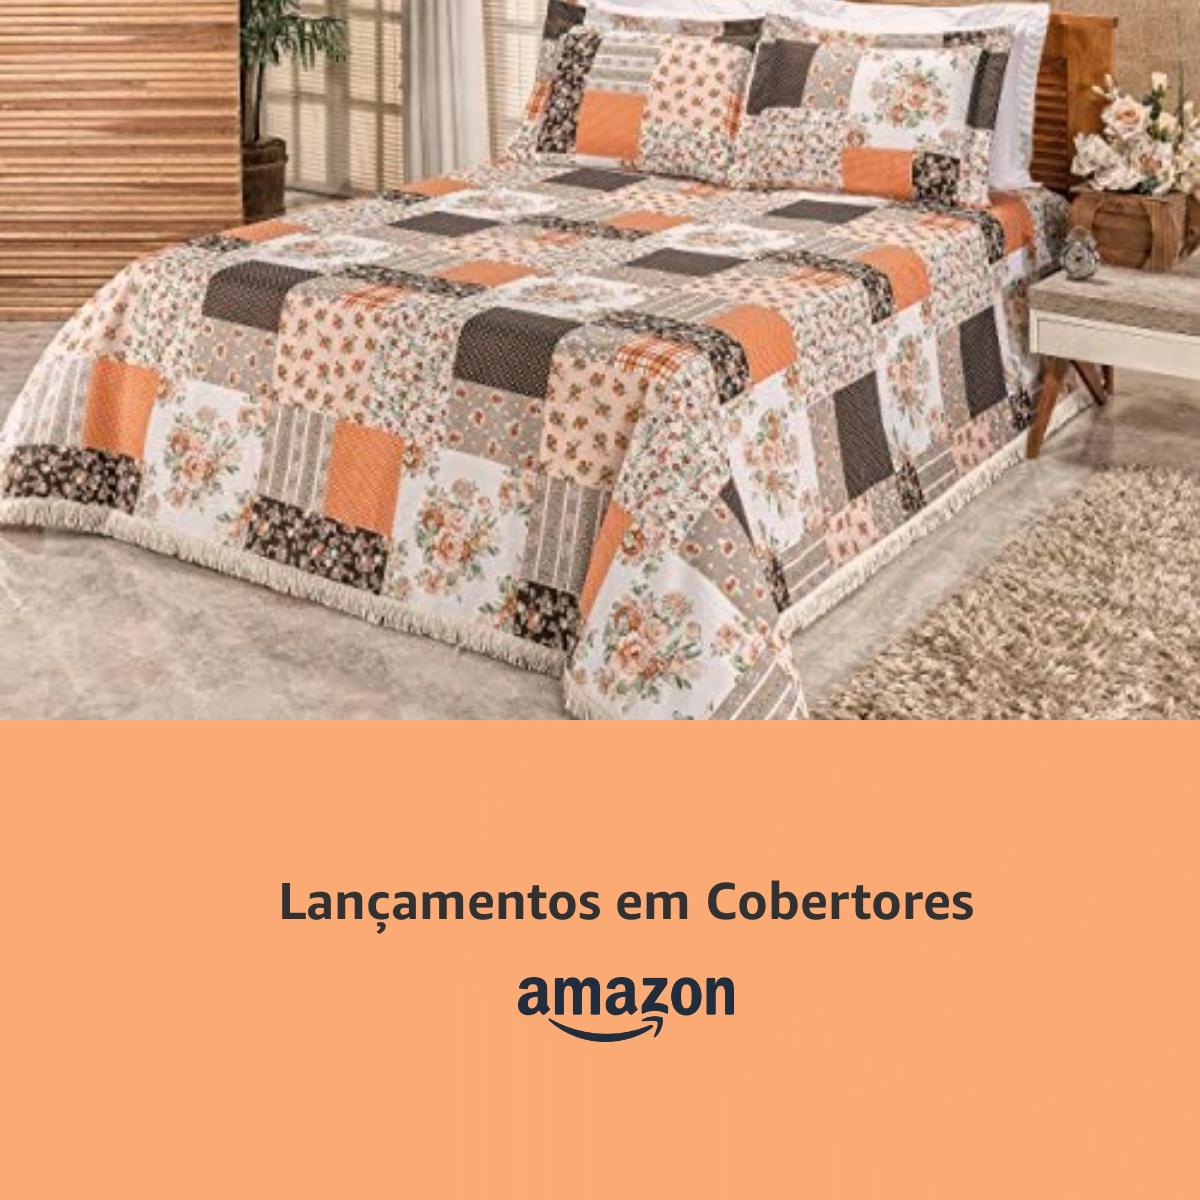 Ofertas Amazon - Promoções em cobertores